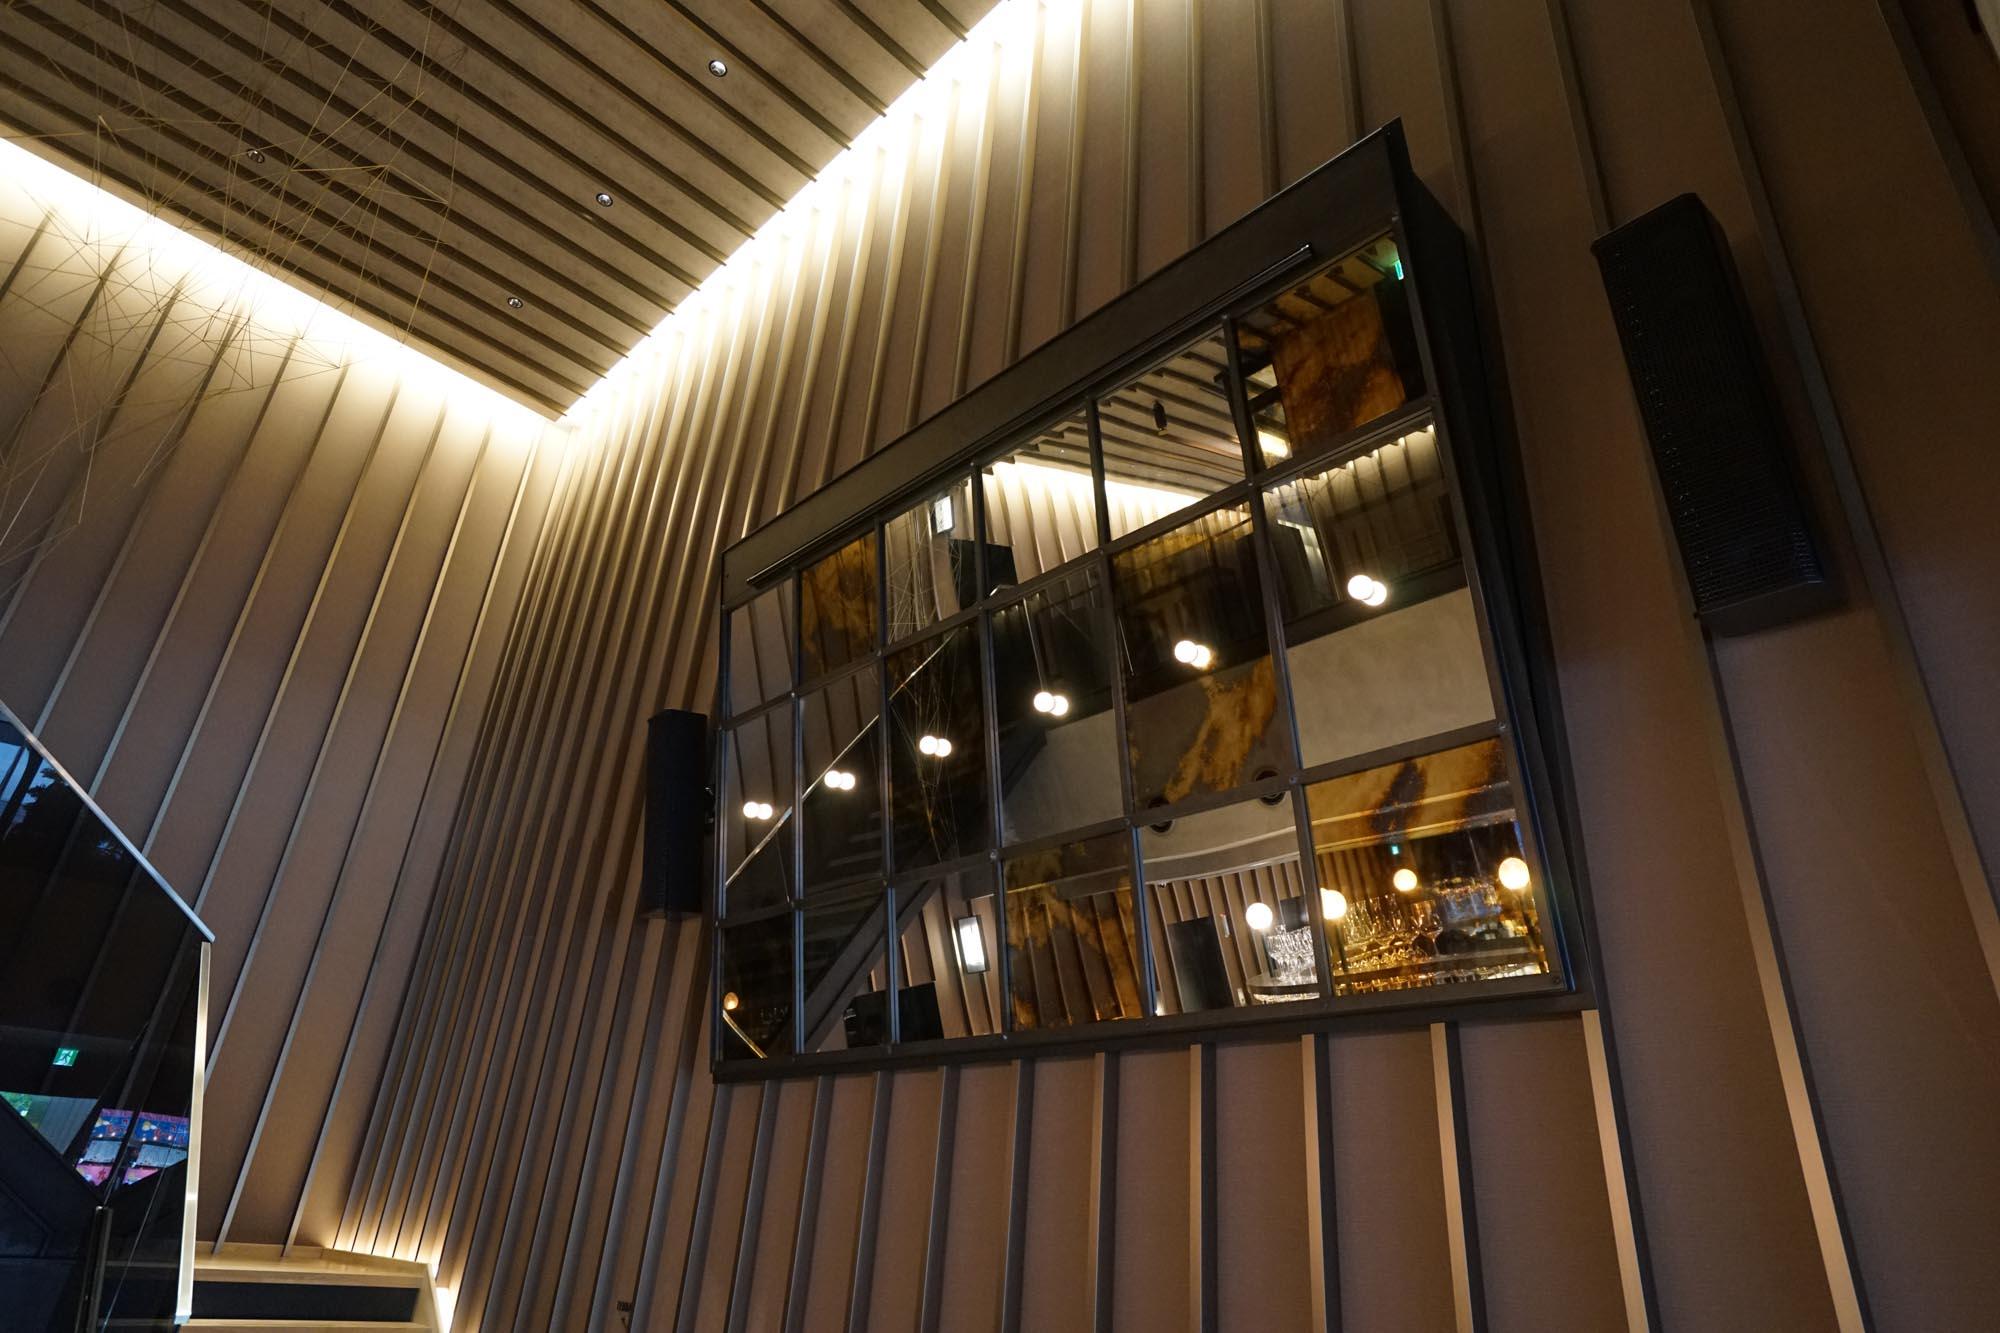 天井の抜けた開放的な空間は、こだわりの音響設備が整っています。壁にスクリーンをおろし、イベント会場とすることも考えられているそう。